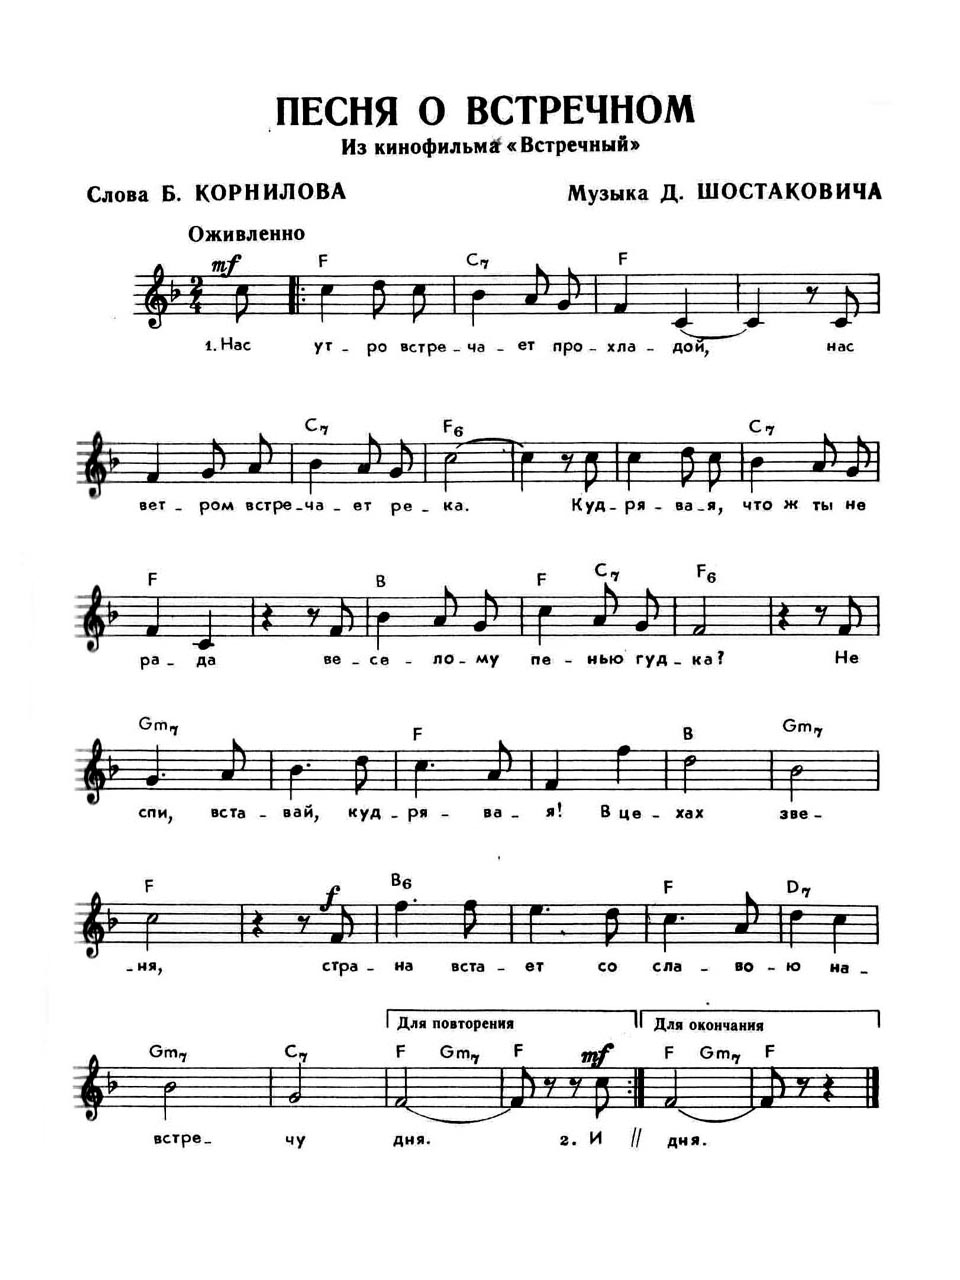 Д. Шостакович. Песня о встречном. Ноты